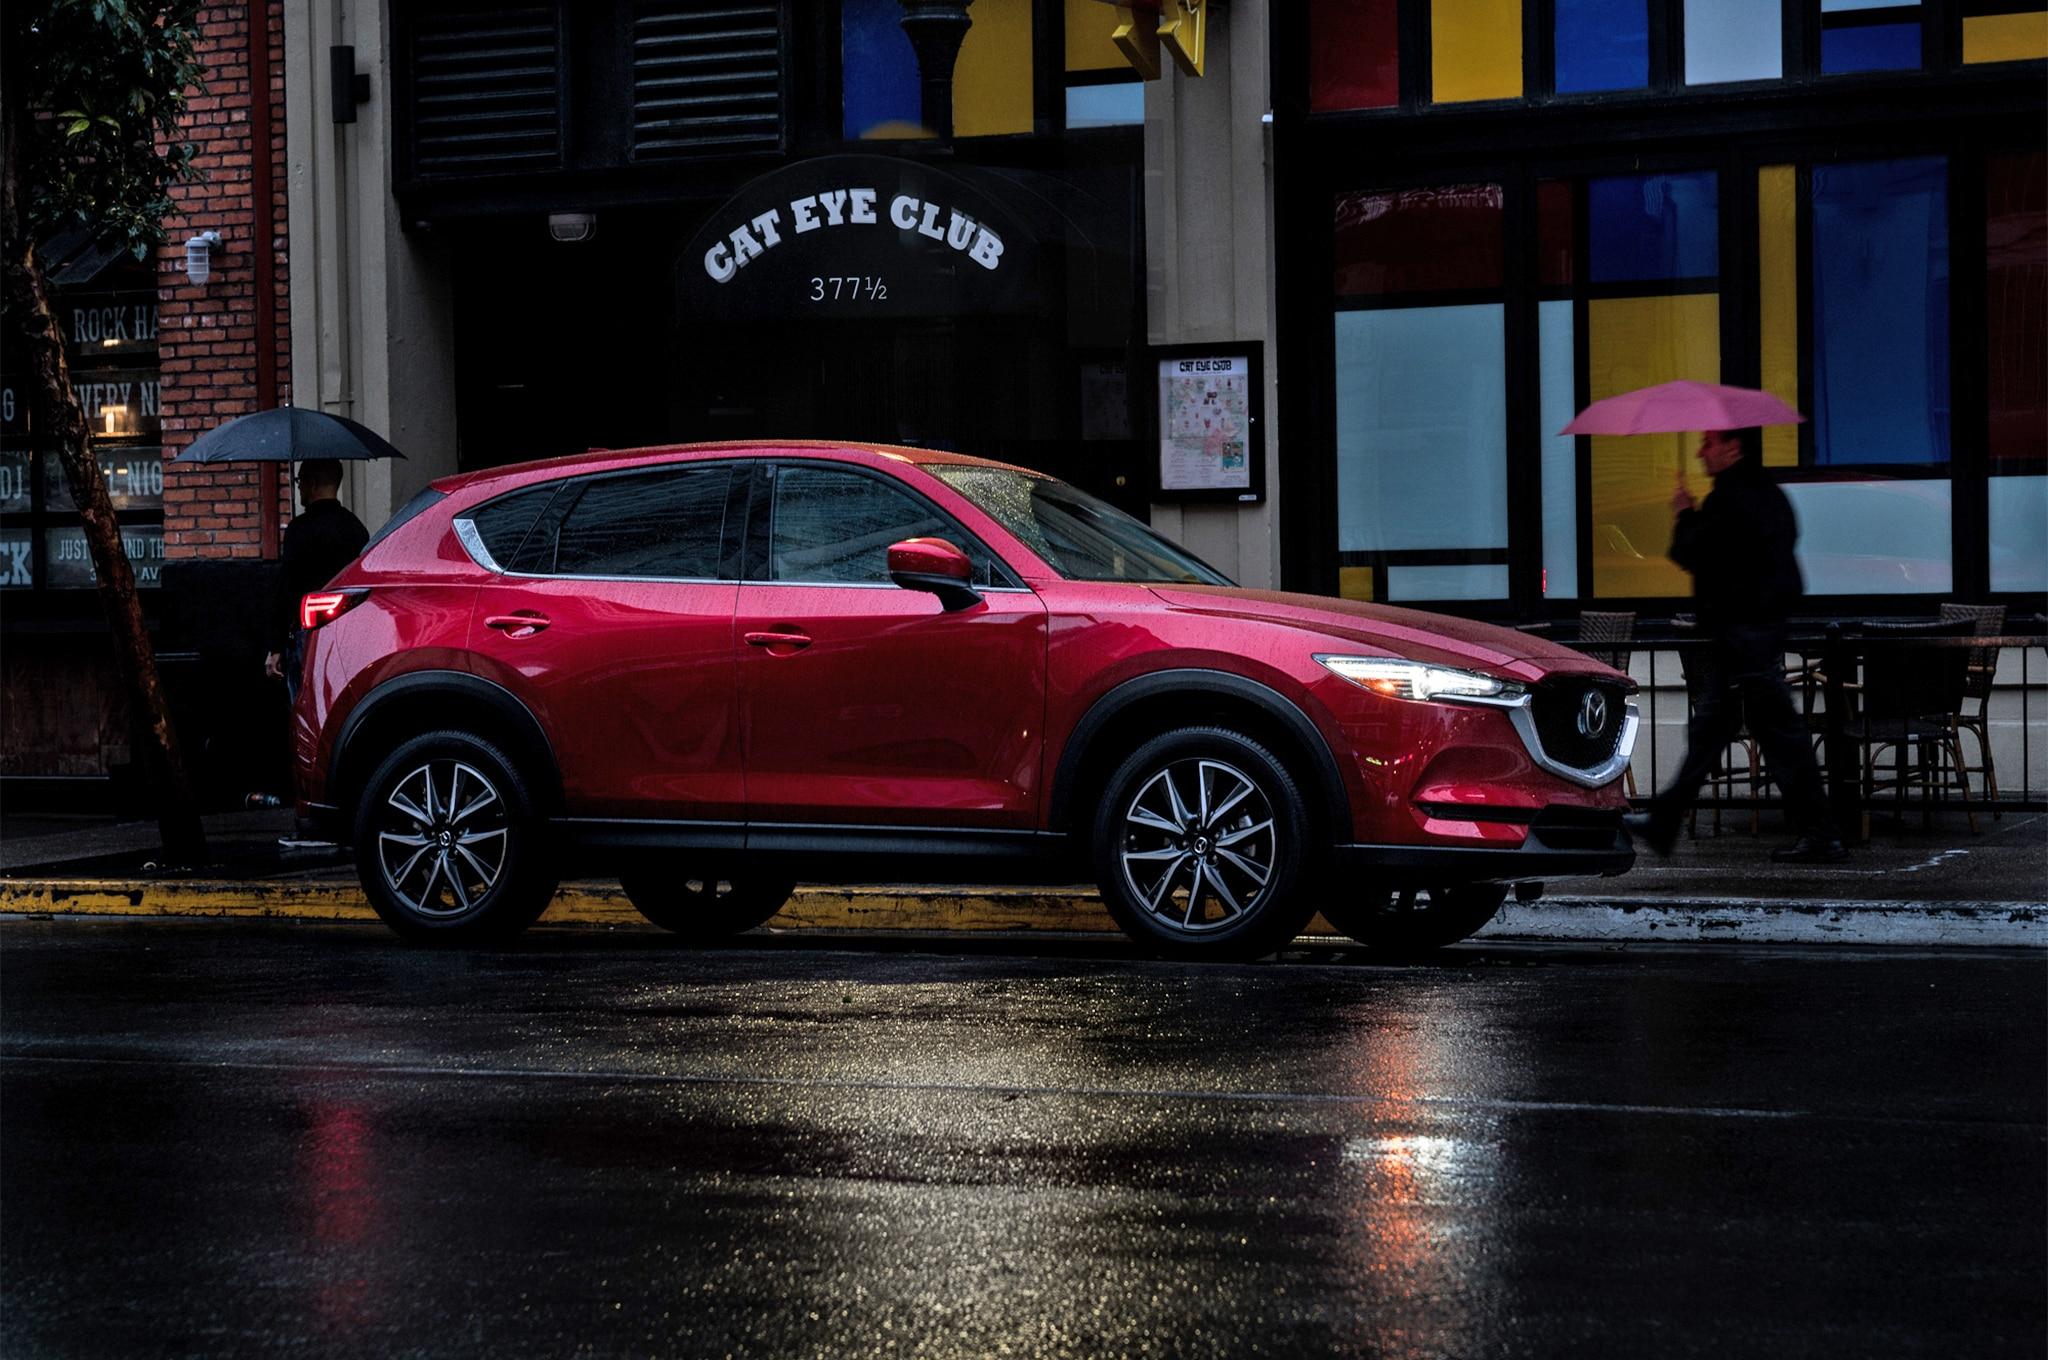 https://st.automobilemag.com/uploads/sites/11/2017/03/2017-Mazda-CX-5-front-side-03.jpg